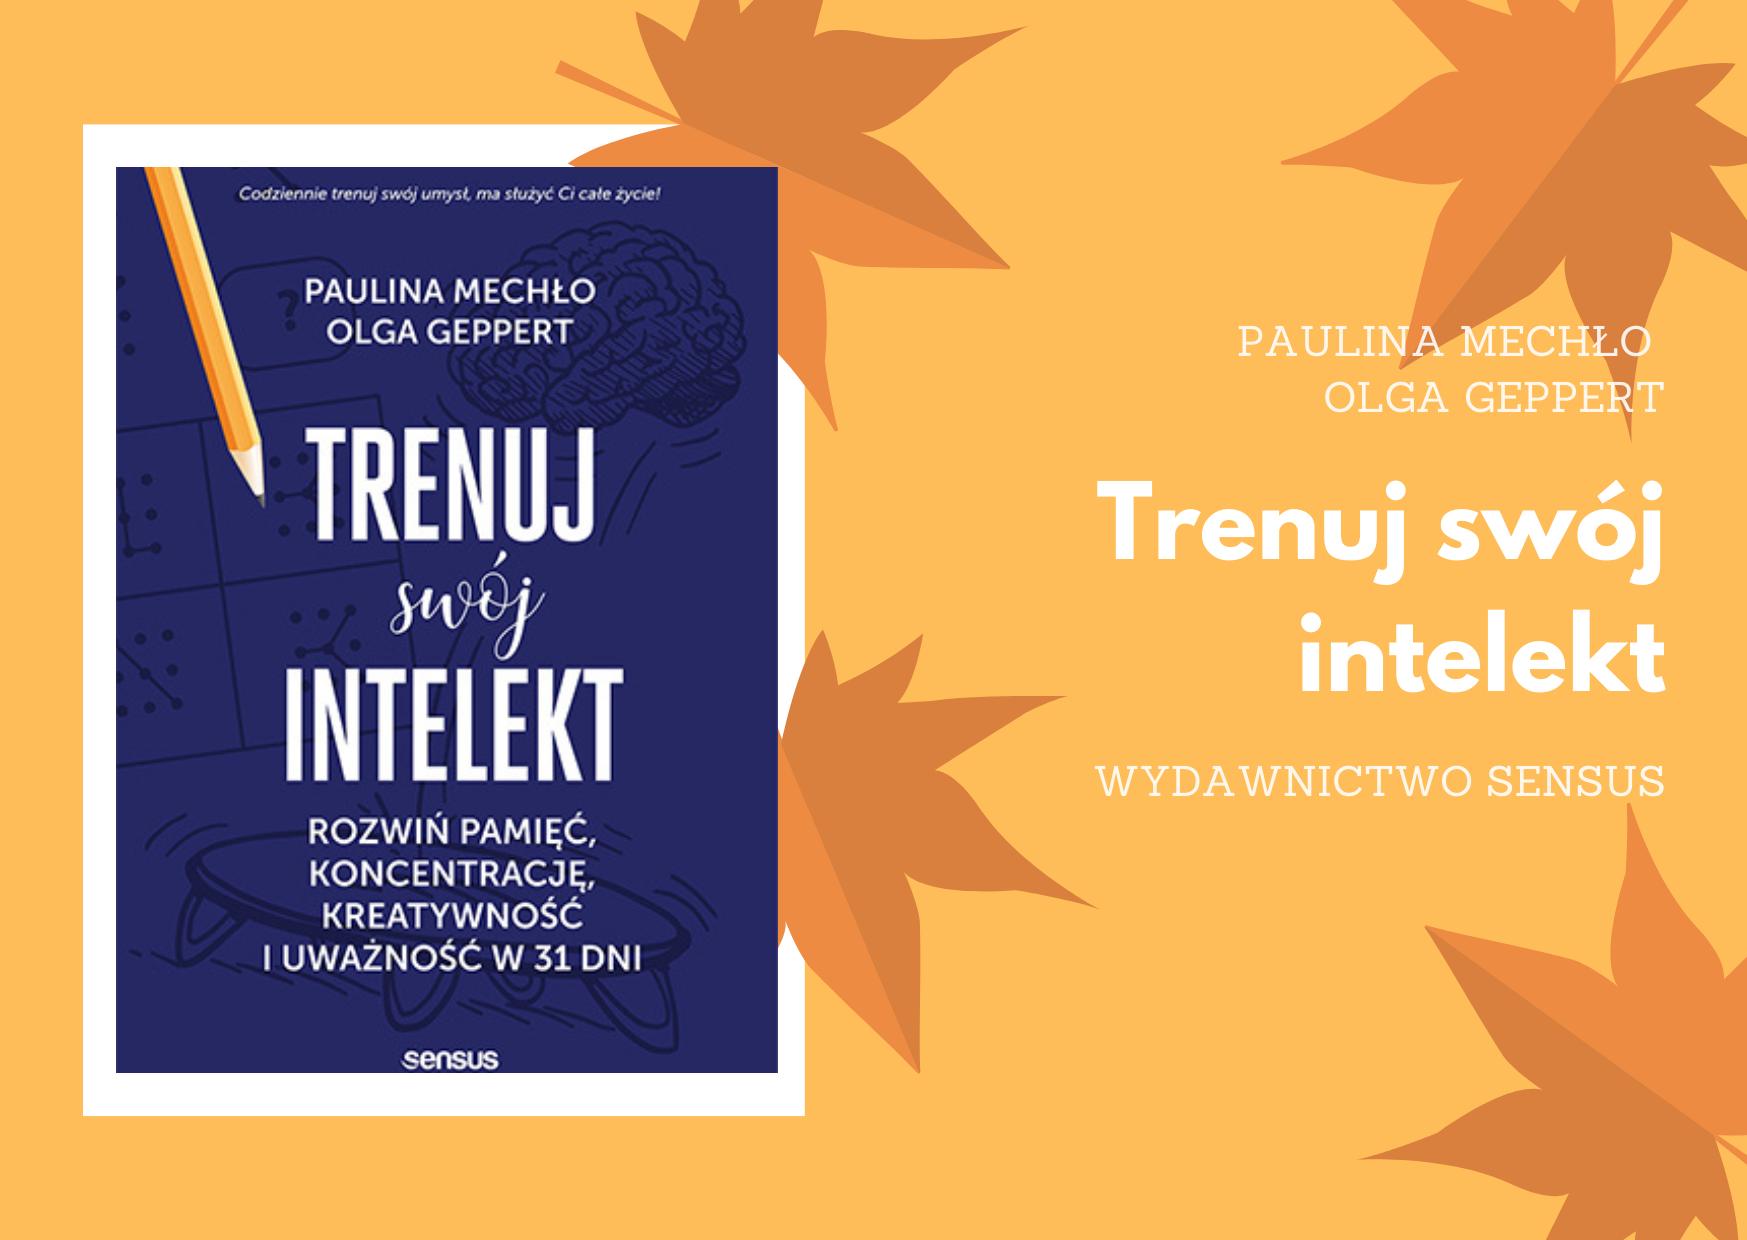 """Paulina Mechło, Olga Geppert """"Trenuj swój intelekt"""" od Wydawnictwa Sensus – do wygrania w konkursie!"""